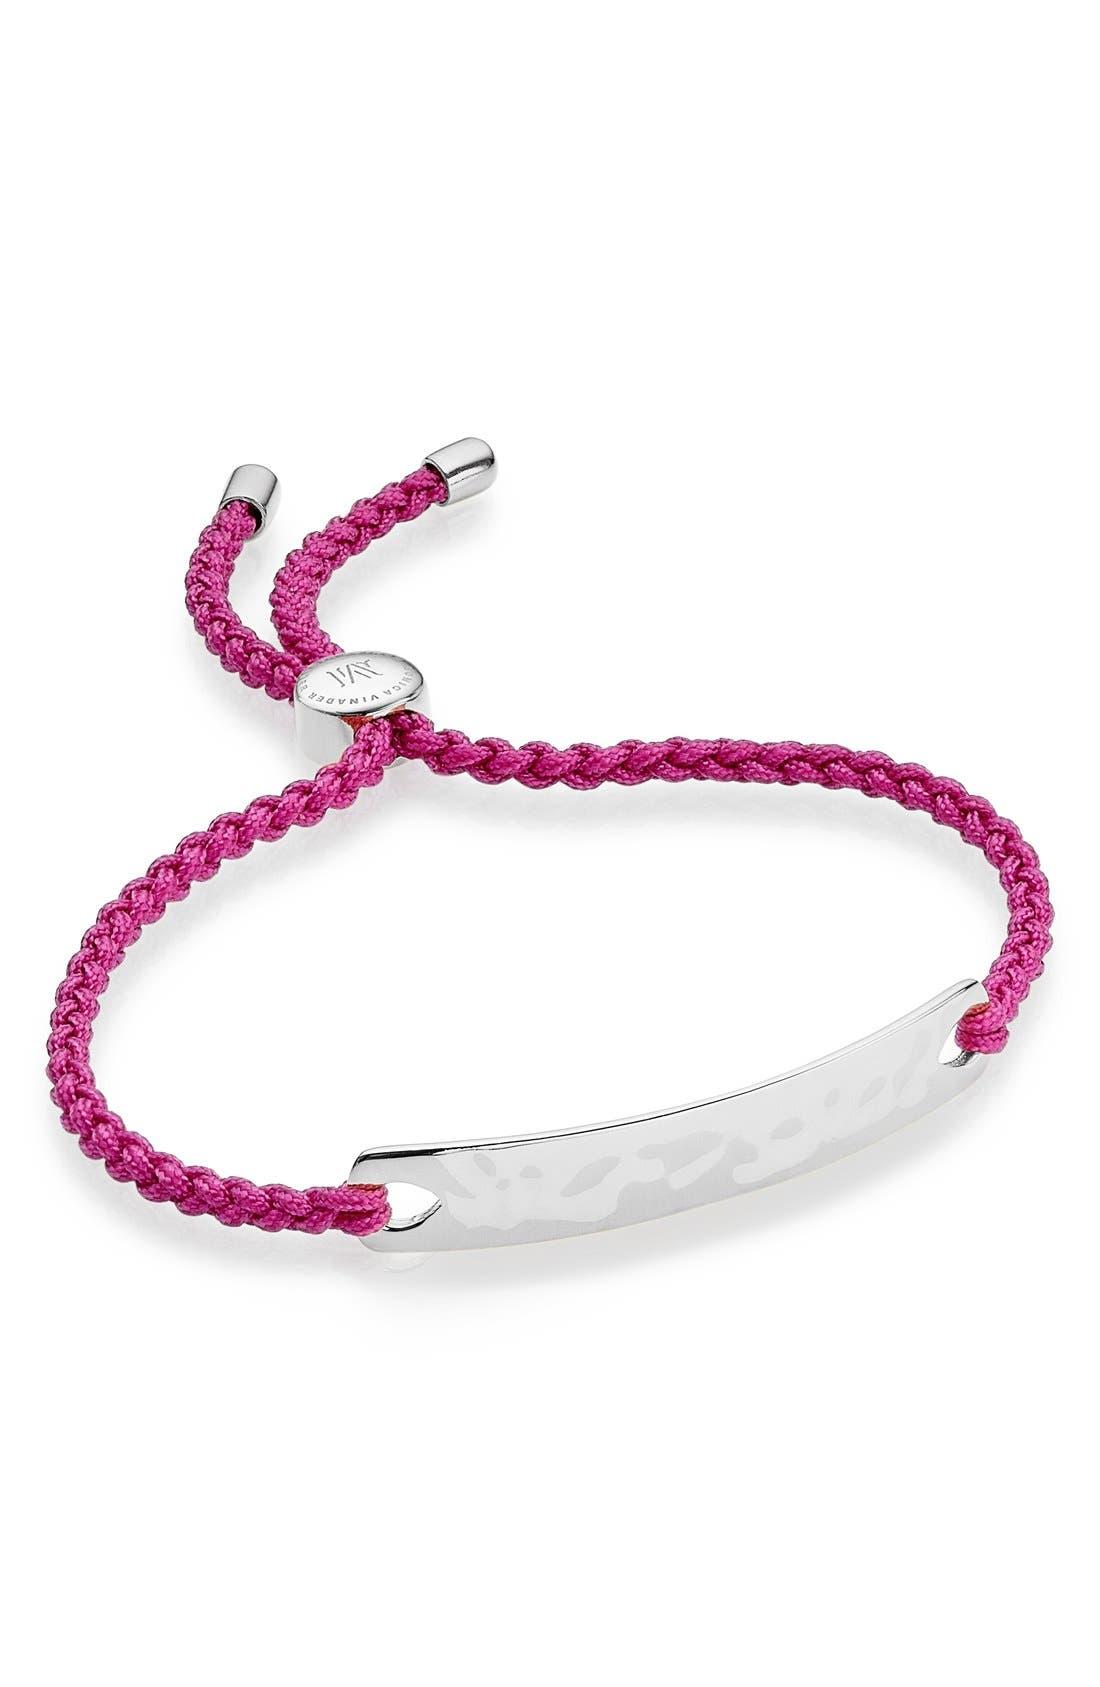 Monica VinaderHavanaFriendship Bracelet